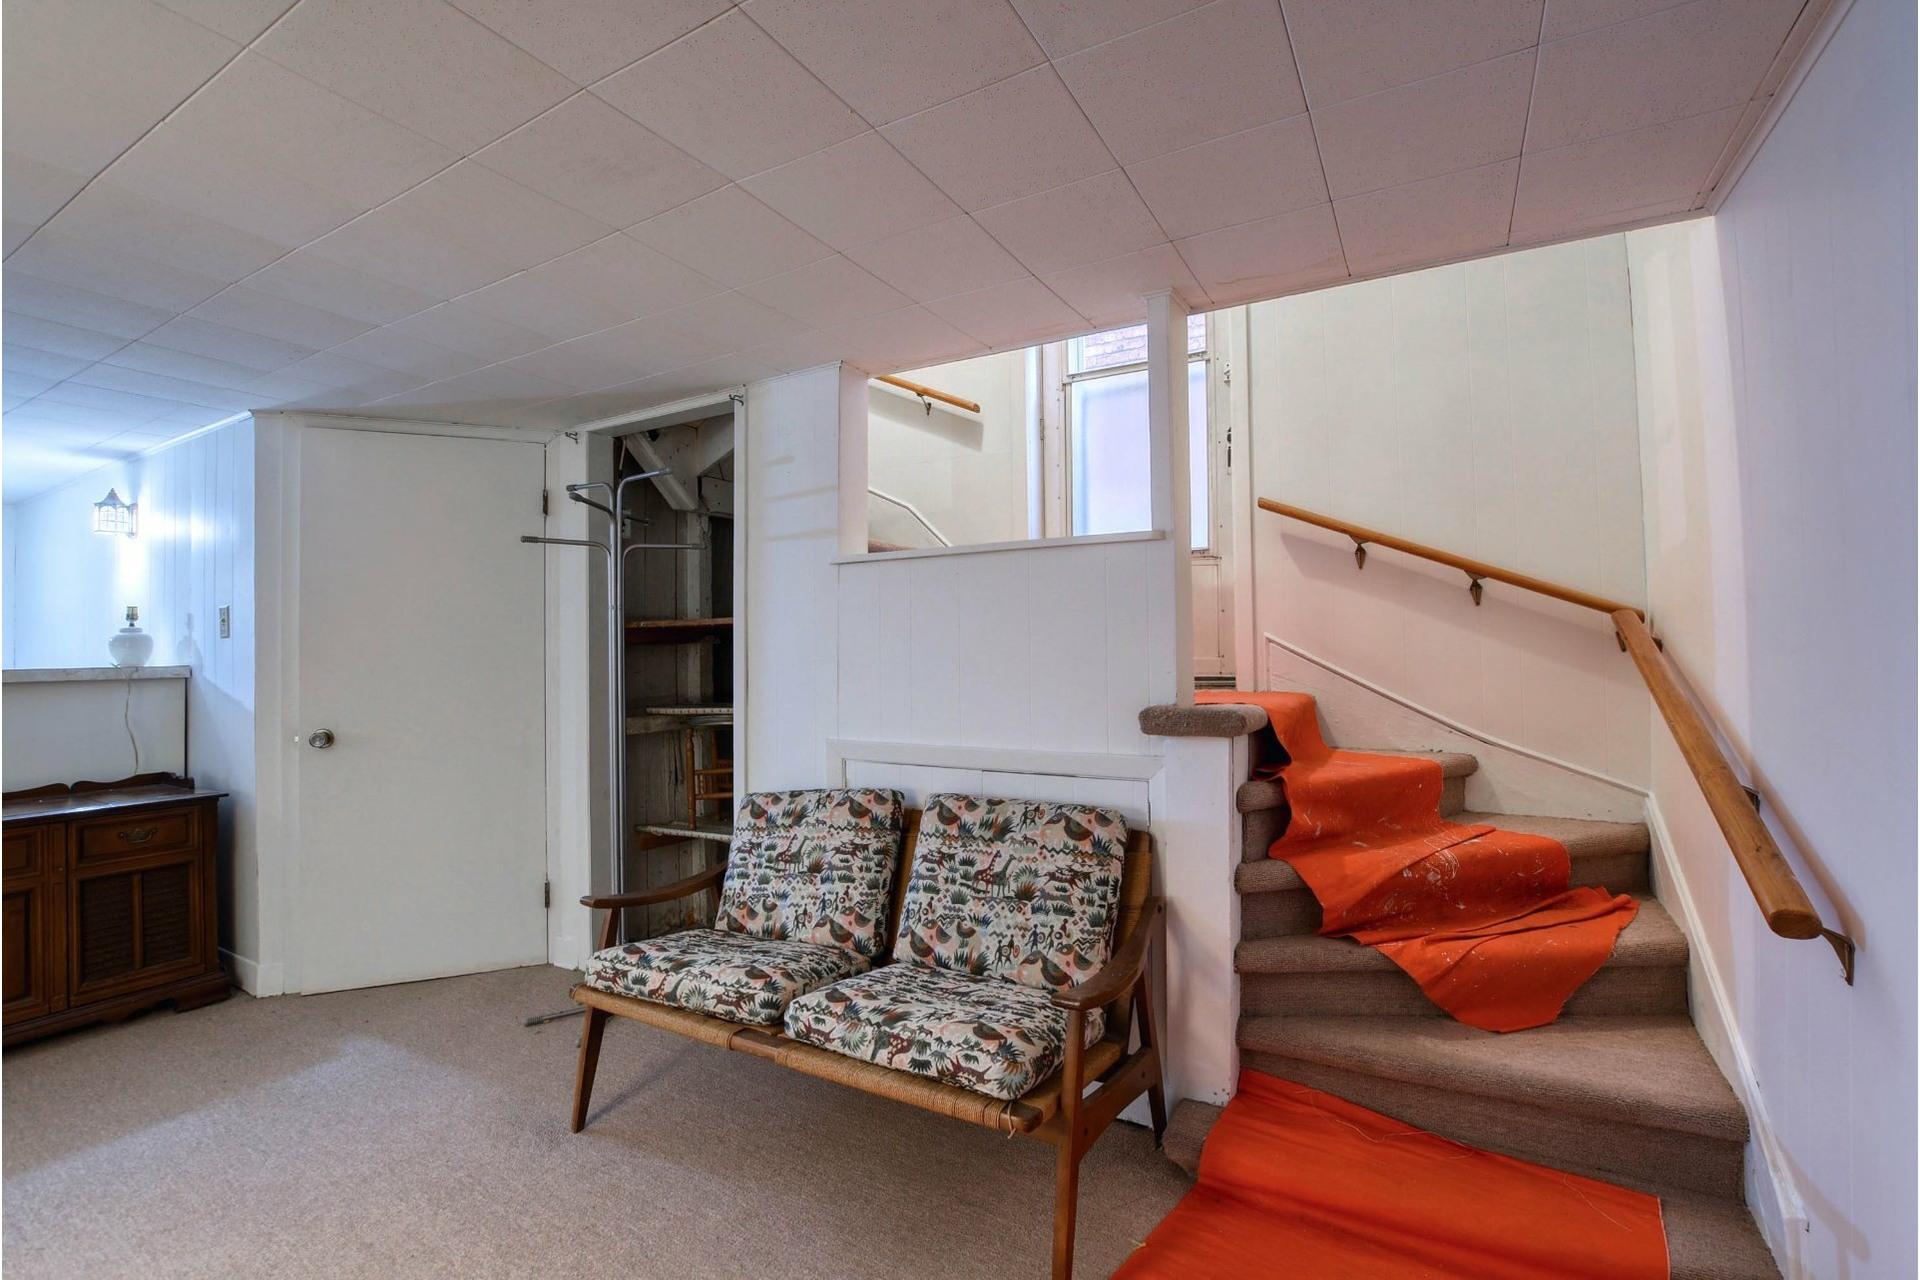 image 20 - Duplex For sale Côte-des-Neiges/Notre-Dame-de-Grâce Montréal  - 8 rooms